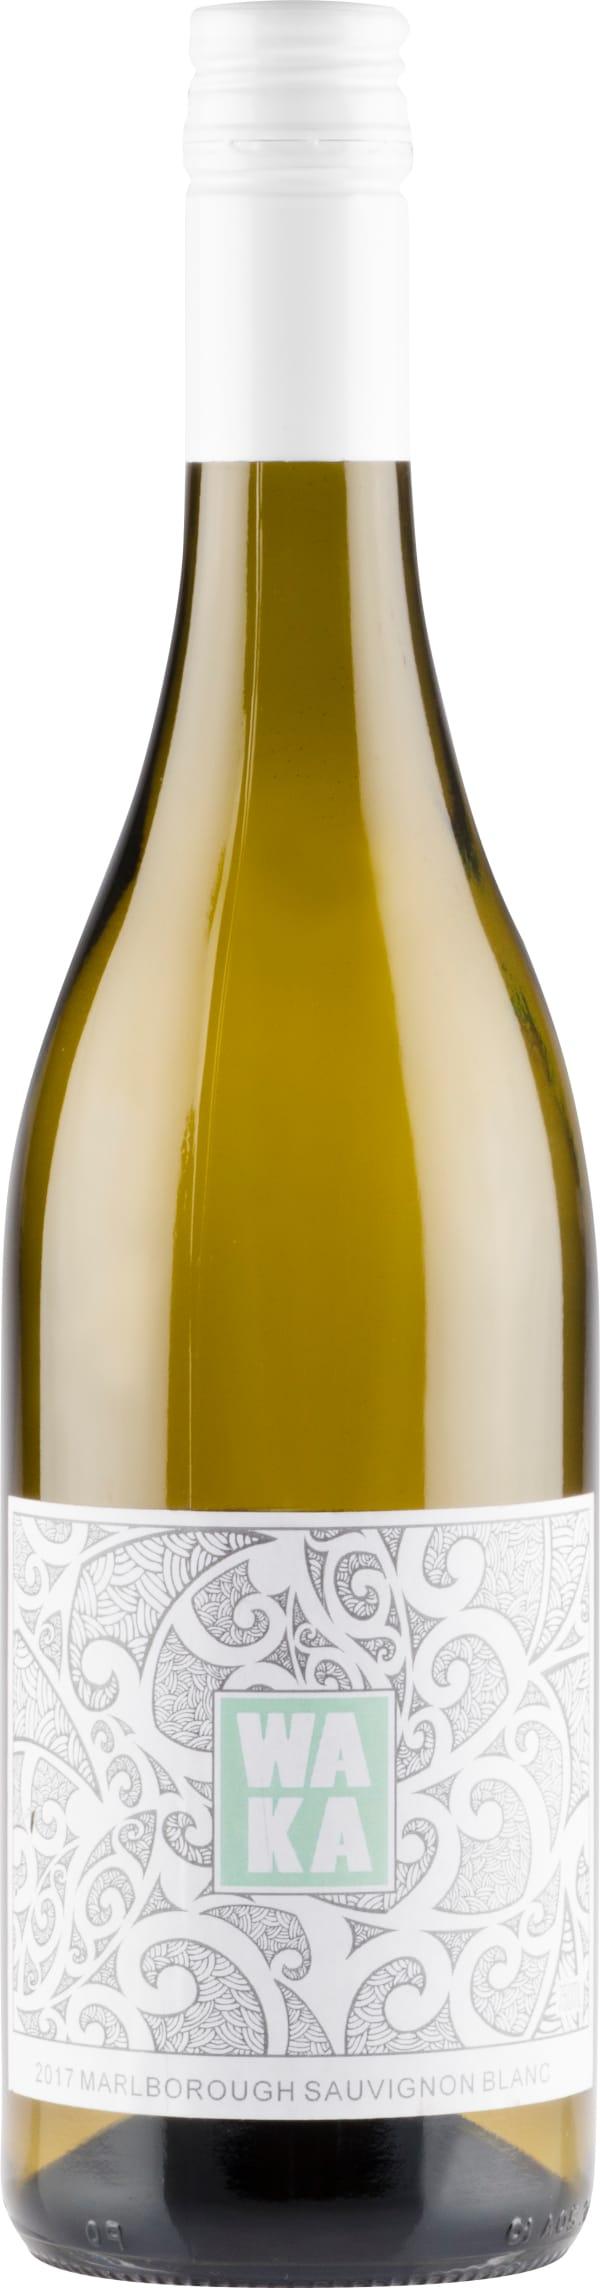 Waka Sauvignon Blanc 2017